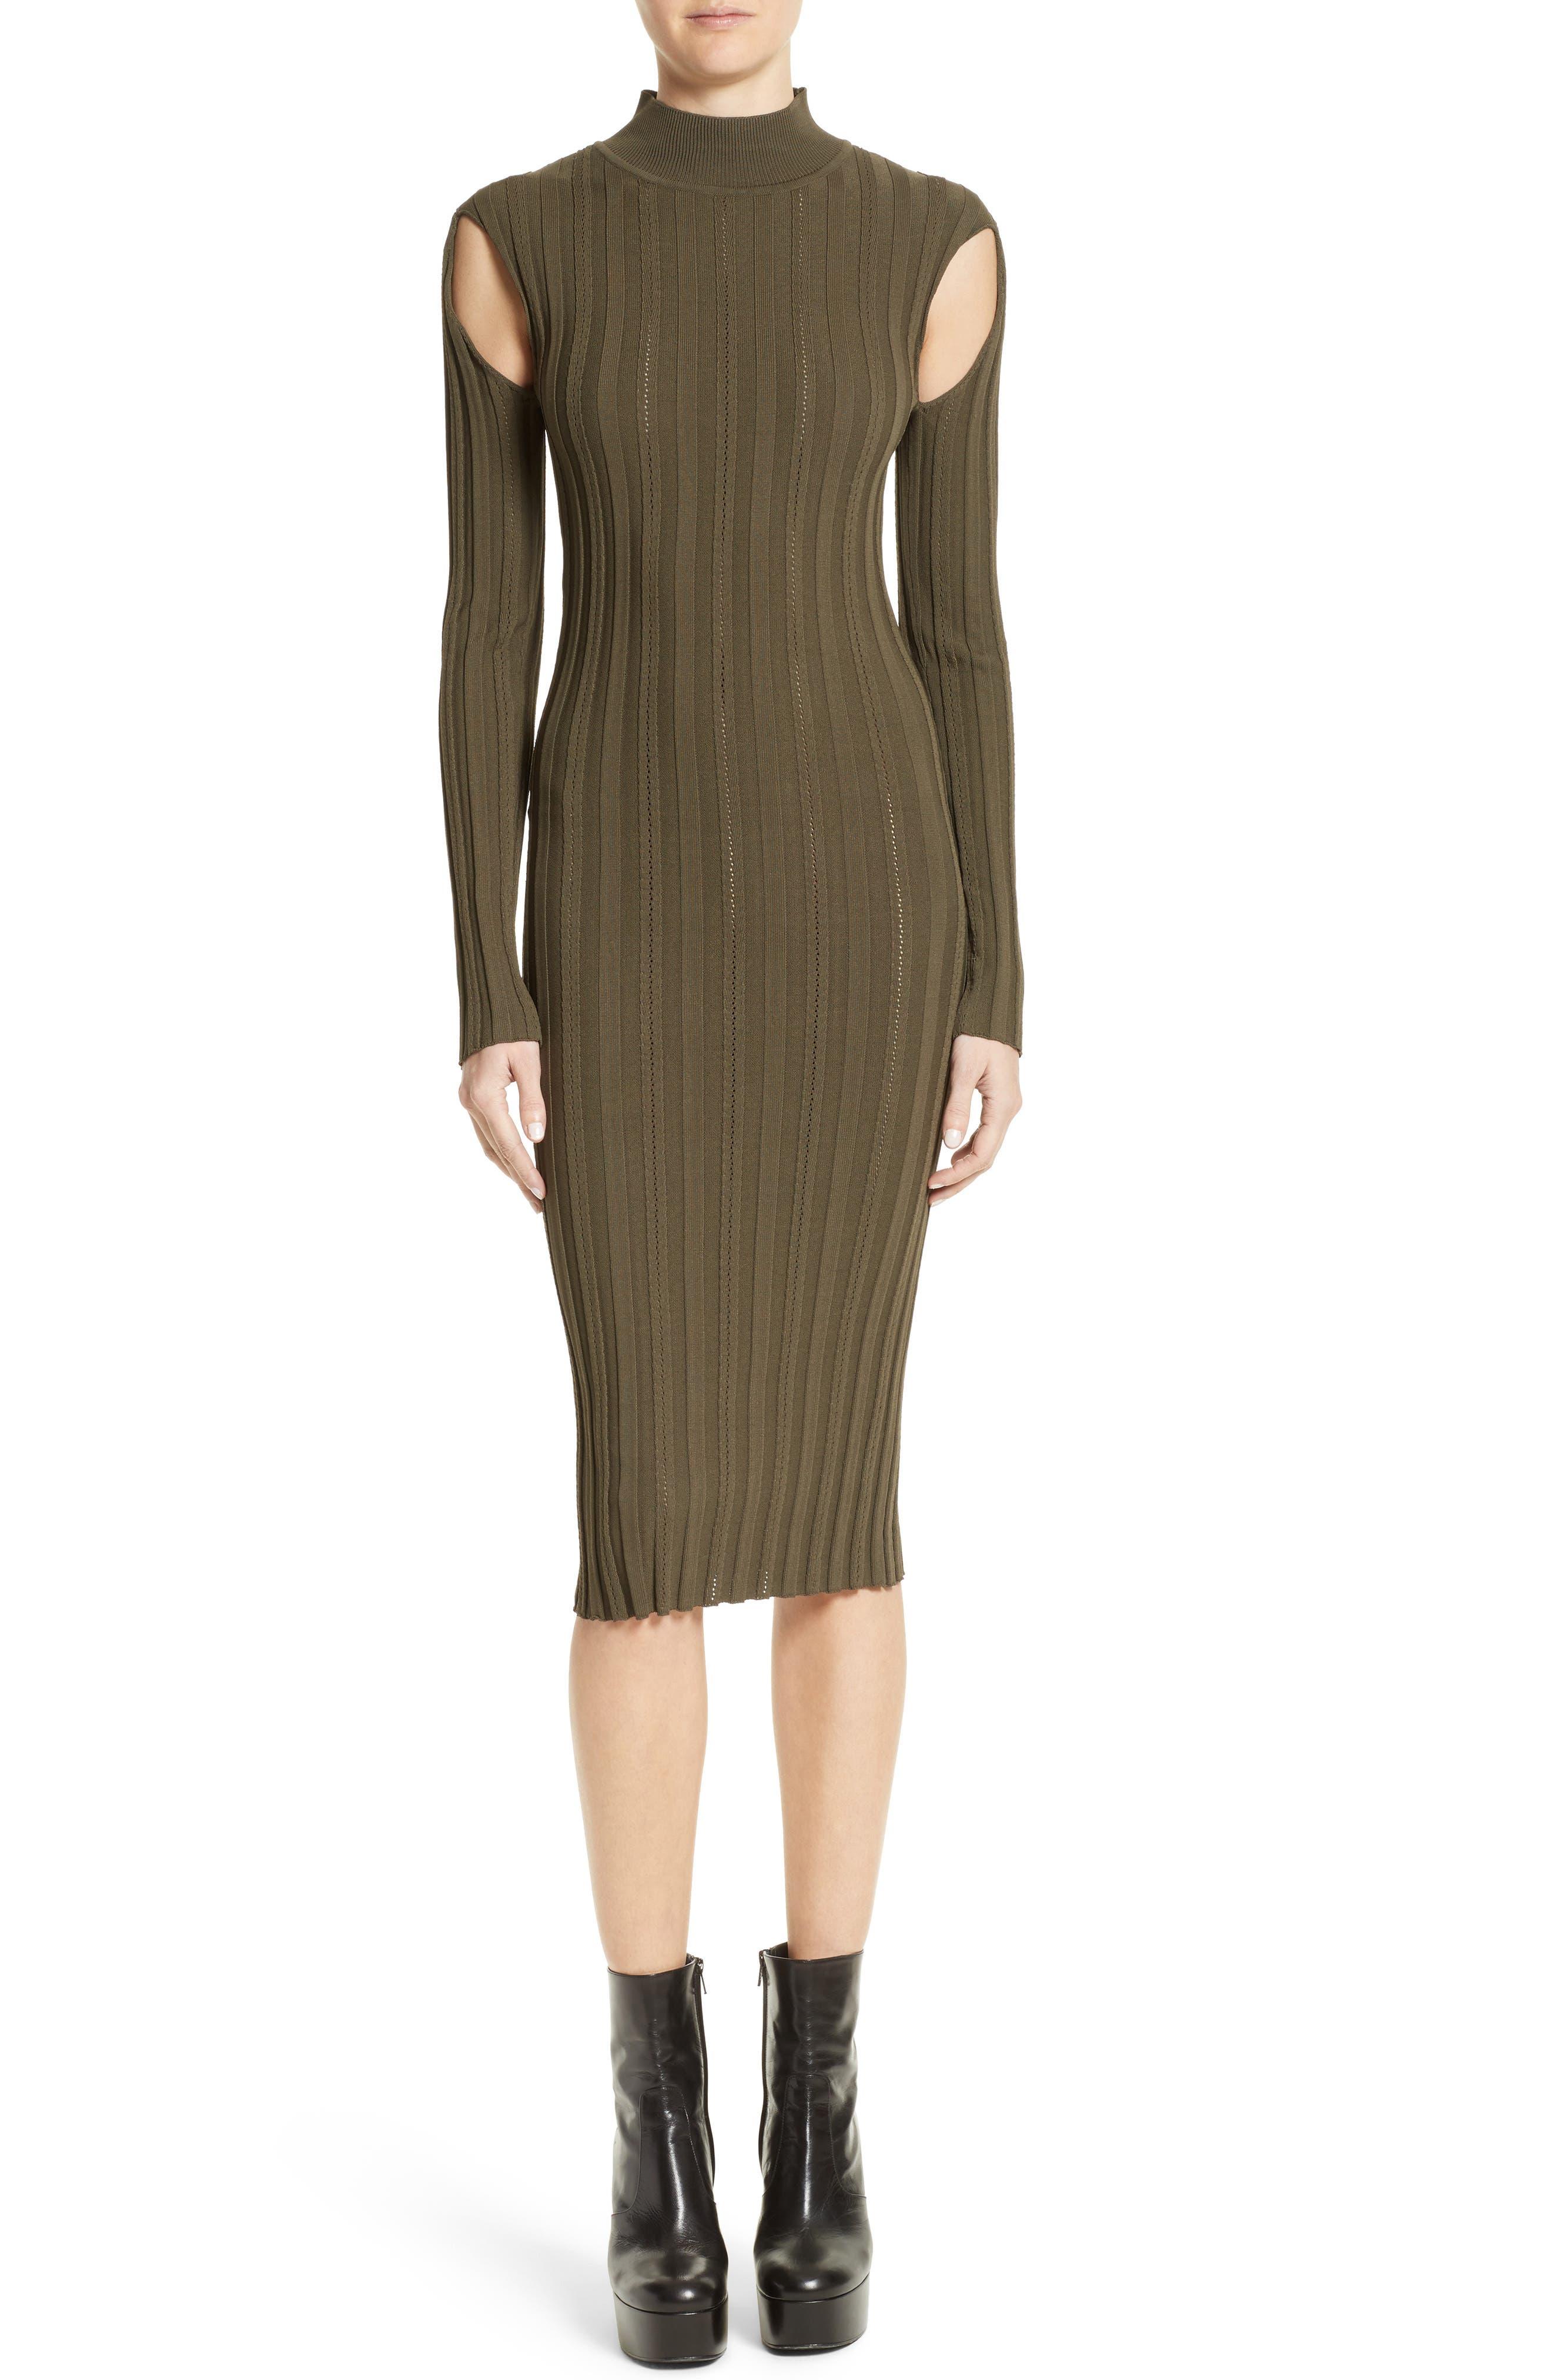 Main Image - McQ Alexander McQueen Cutout Knit Dress